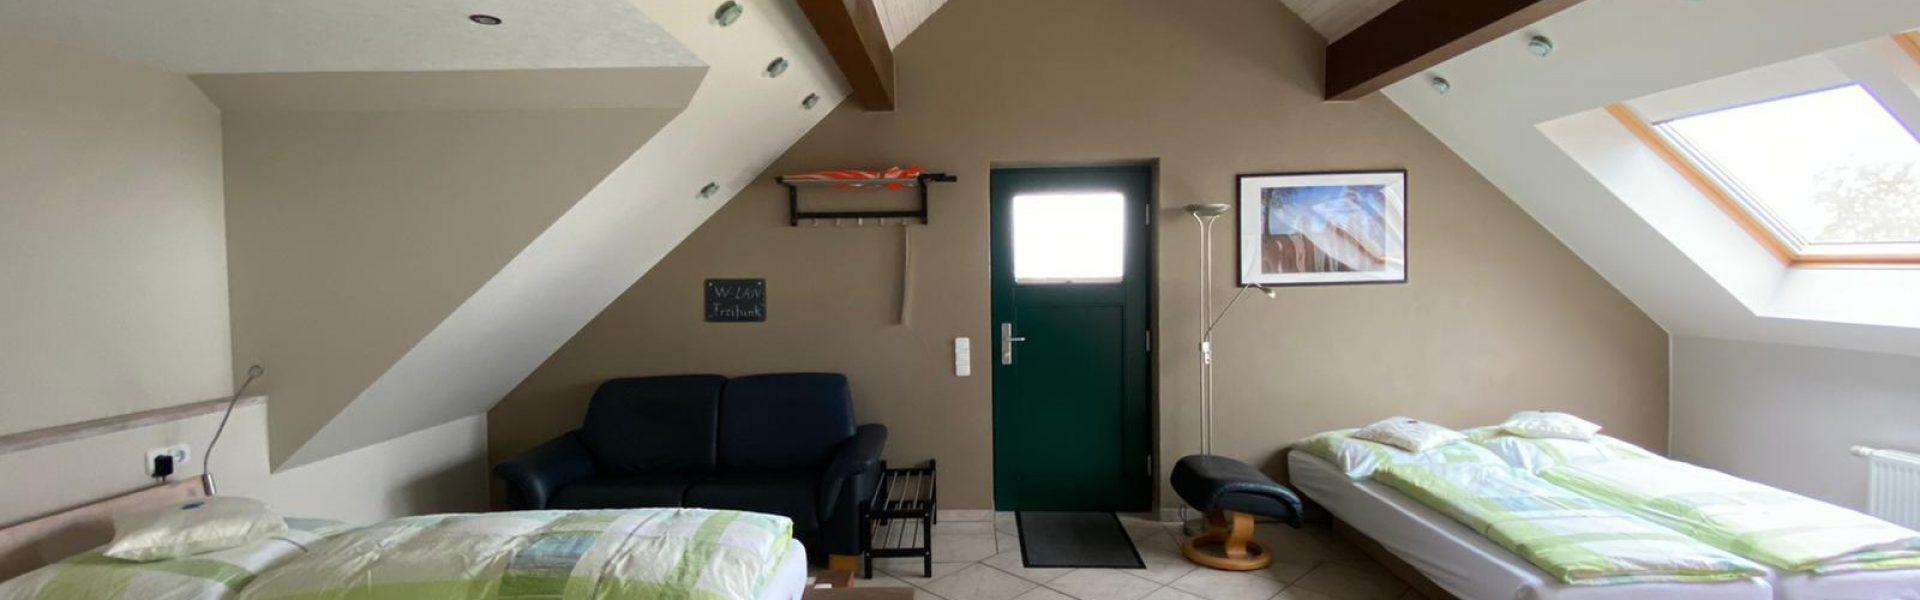 Premium-Doppelzimmer als 4-Bett-Zimmer